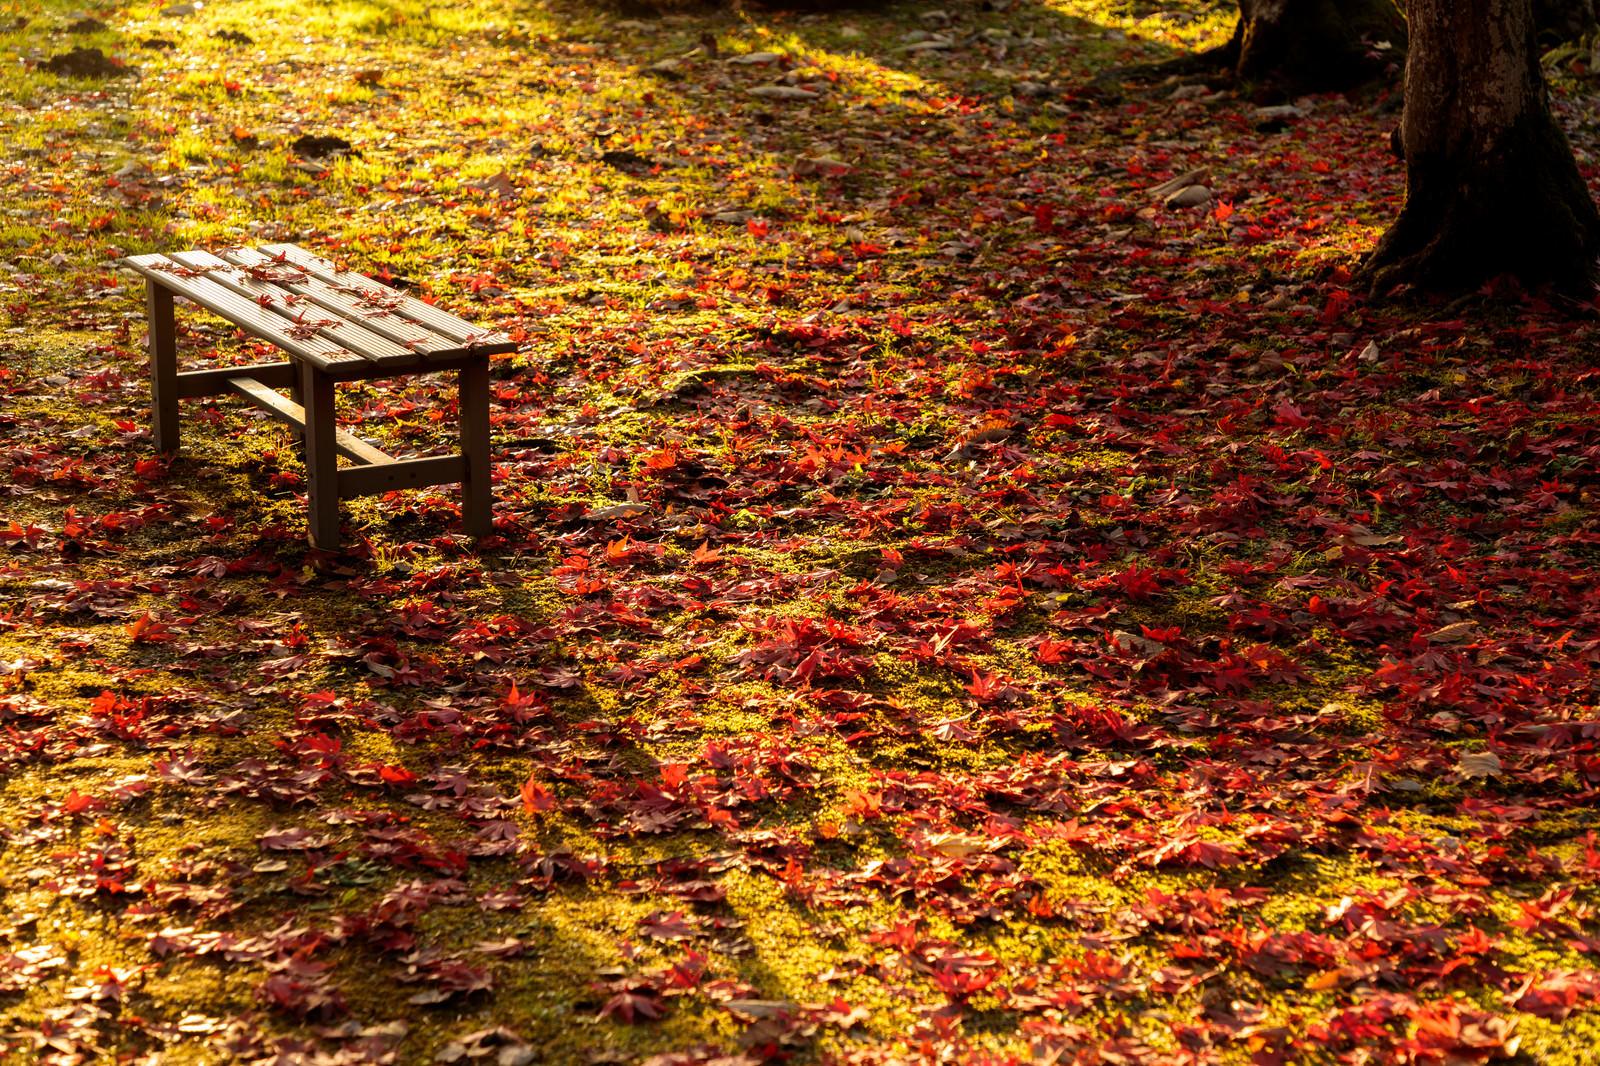 「一面の落ち葉とベンチ」の写真